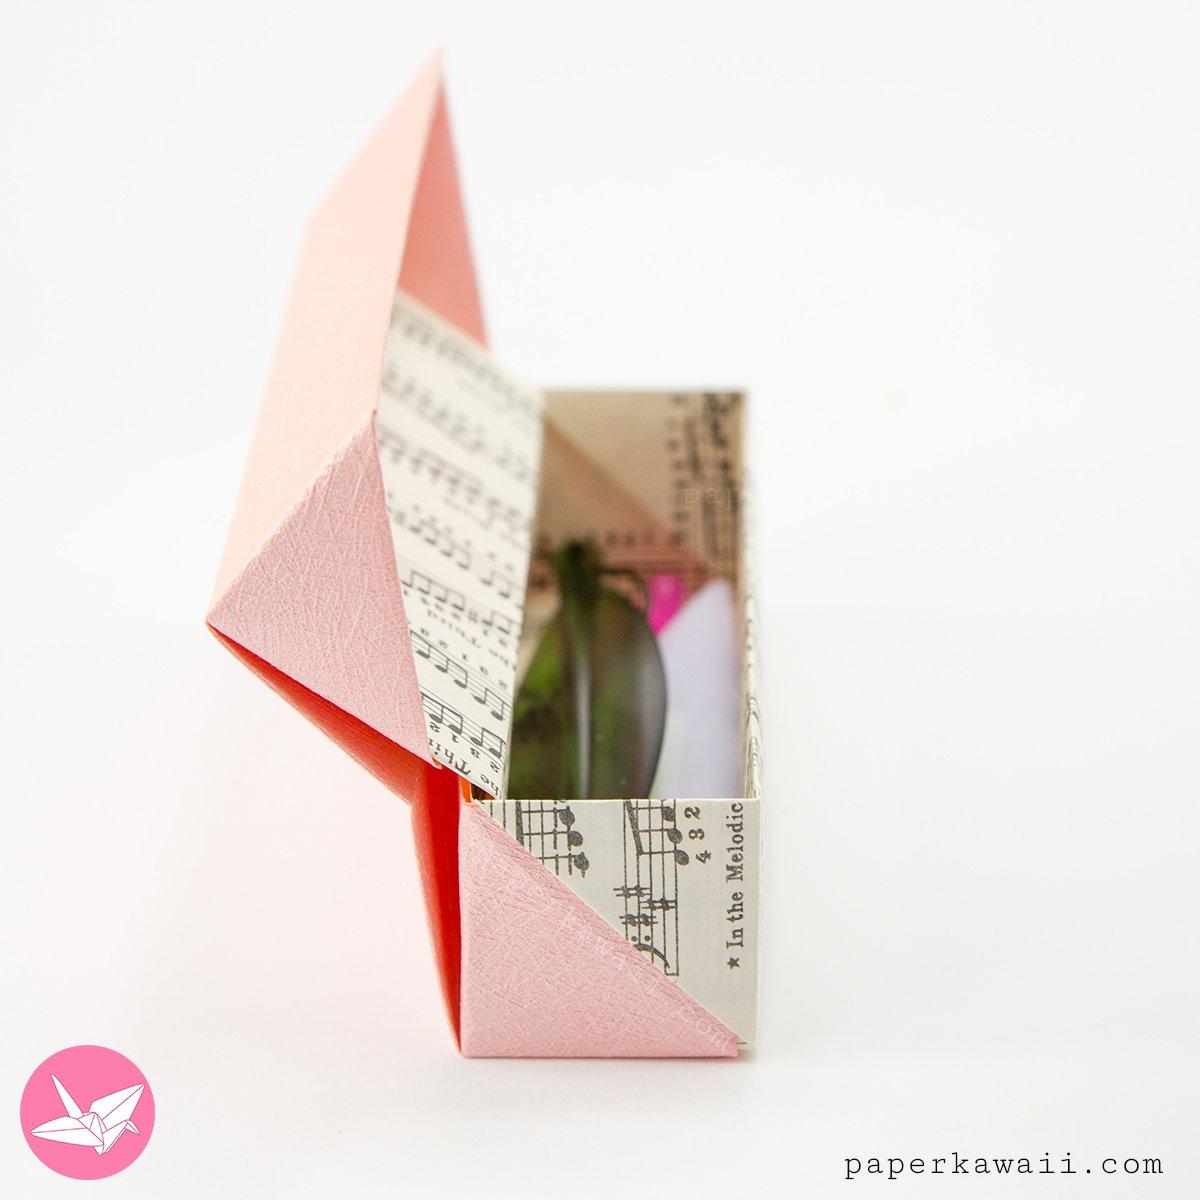 Origami Long Hinged Gift Box Tutorial - Pencil Box via @paper_kawaii